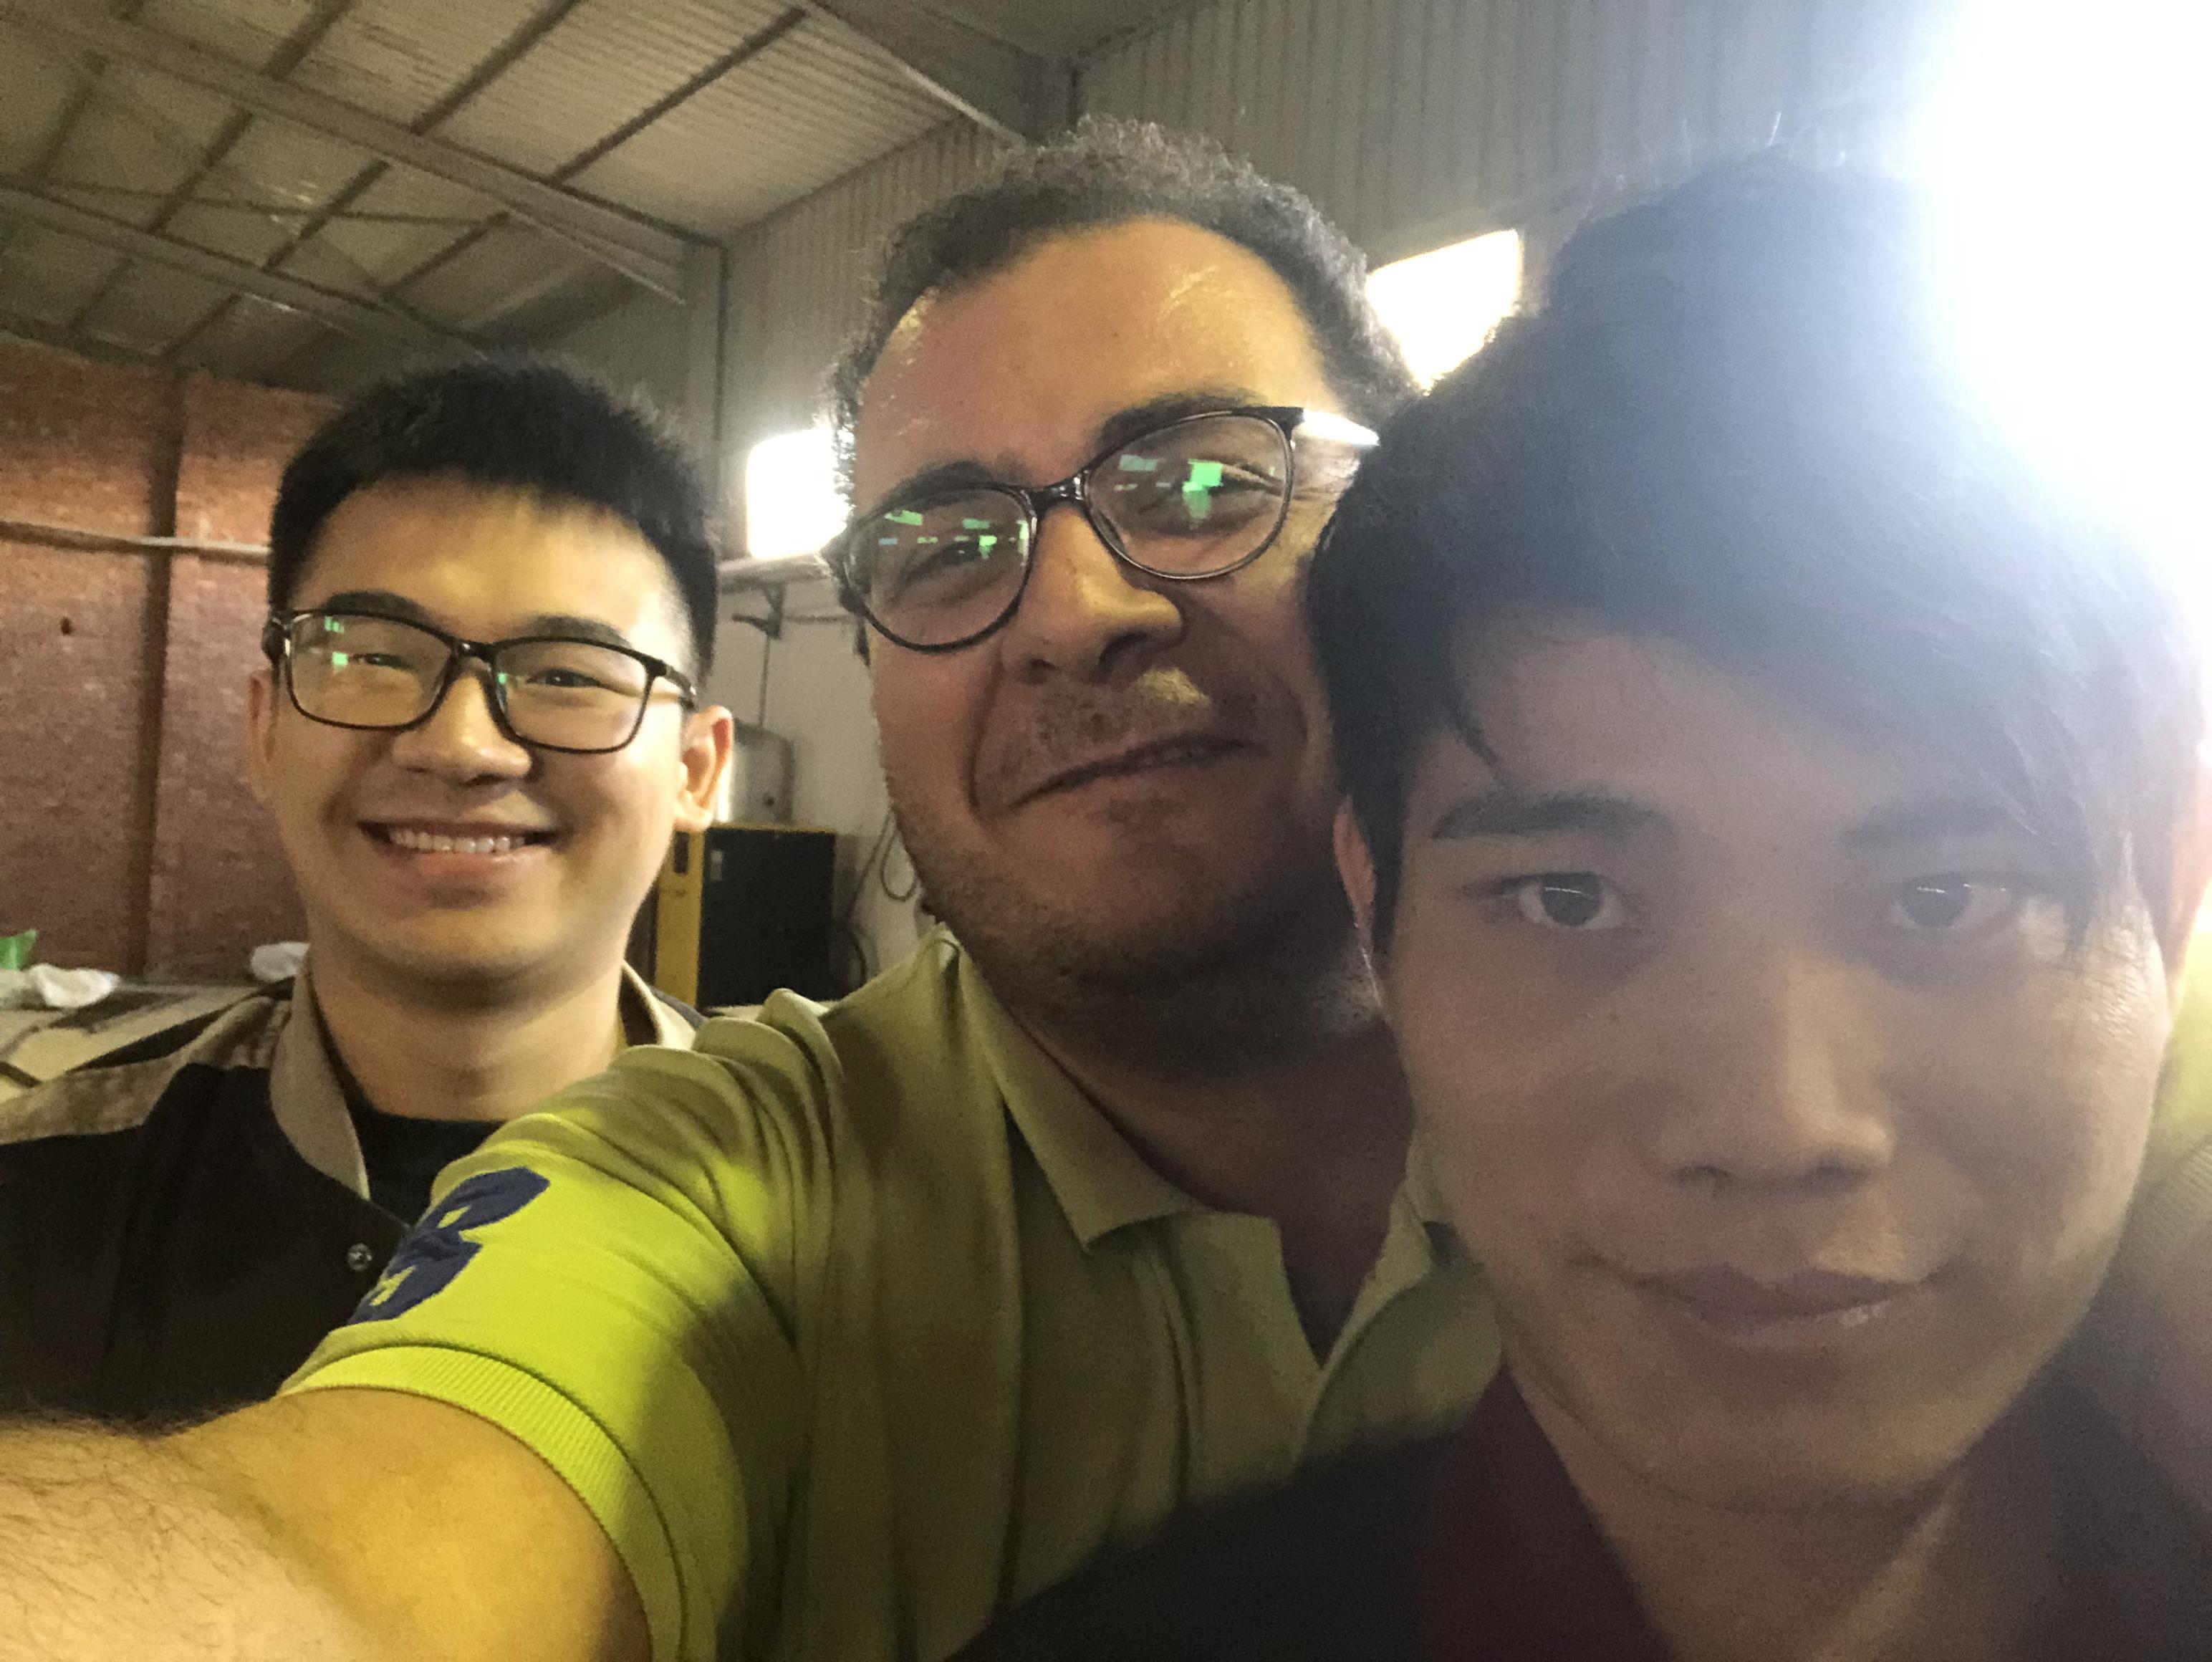 uploads/fanshun.net.cn/images/16274907408889.jpg